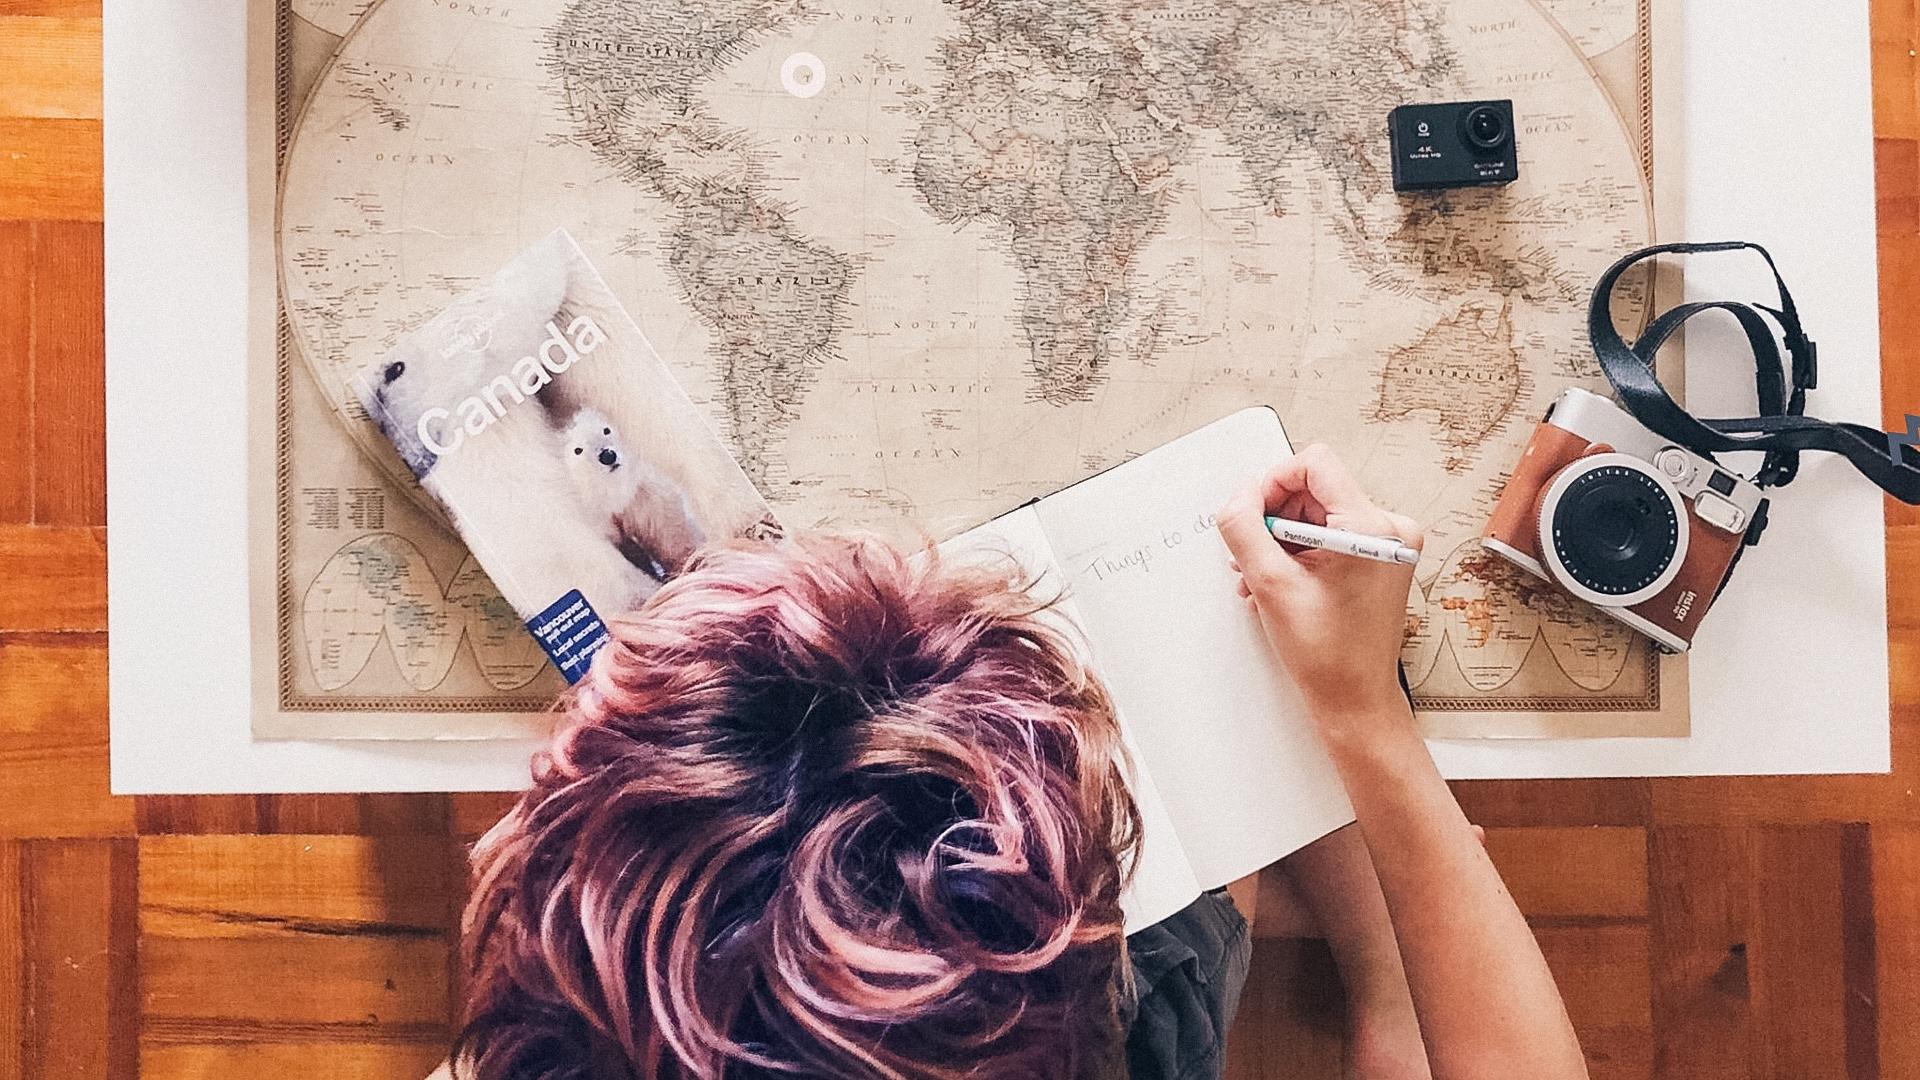 trasferirsi all'estero-ragazza-carta geografica-penna-quaderno-guida di viaggio